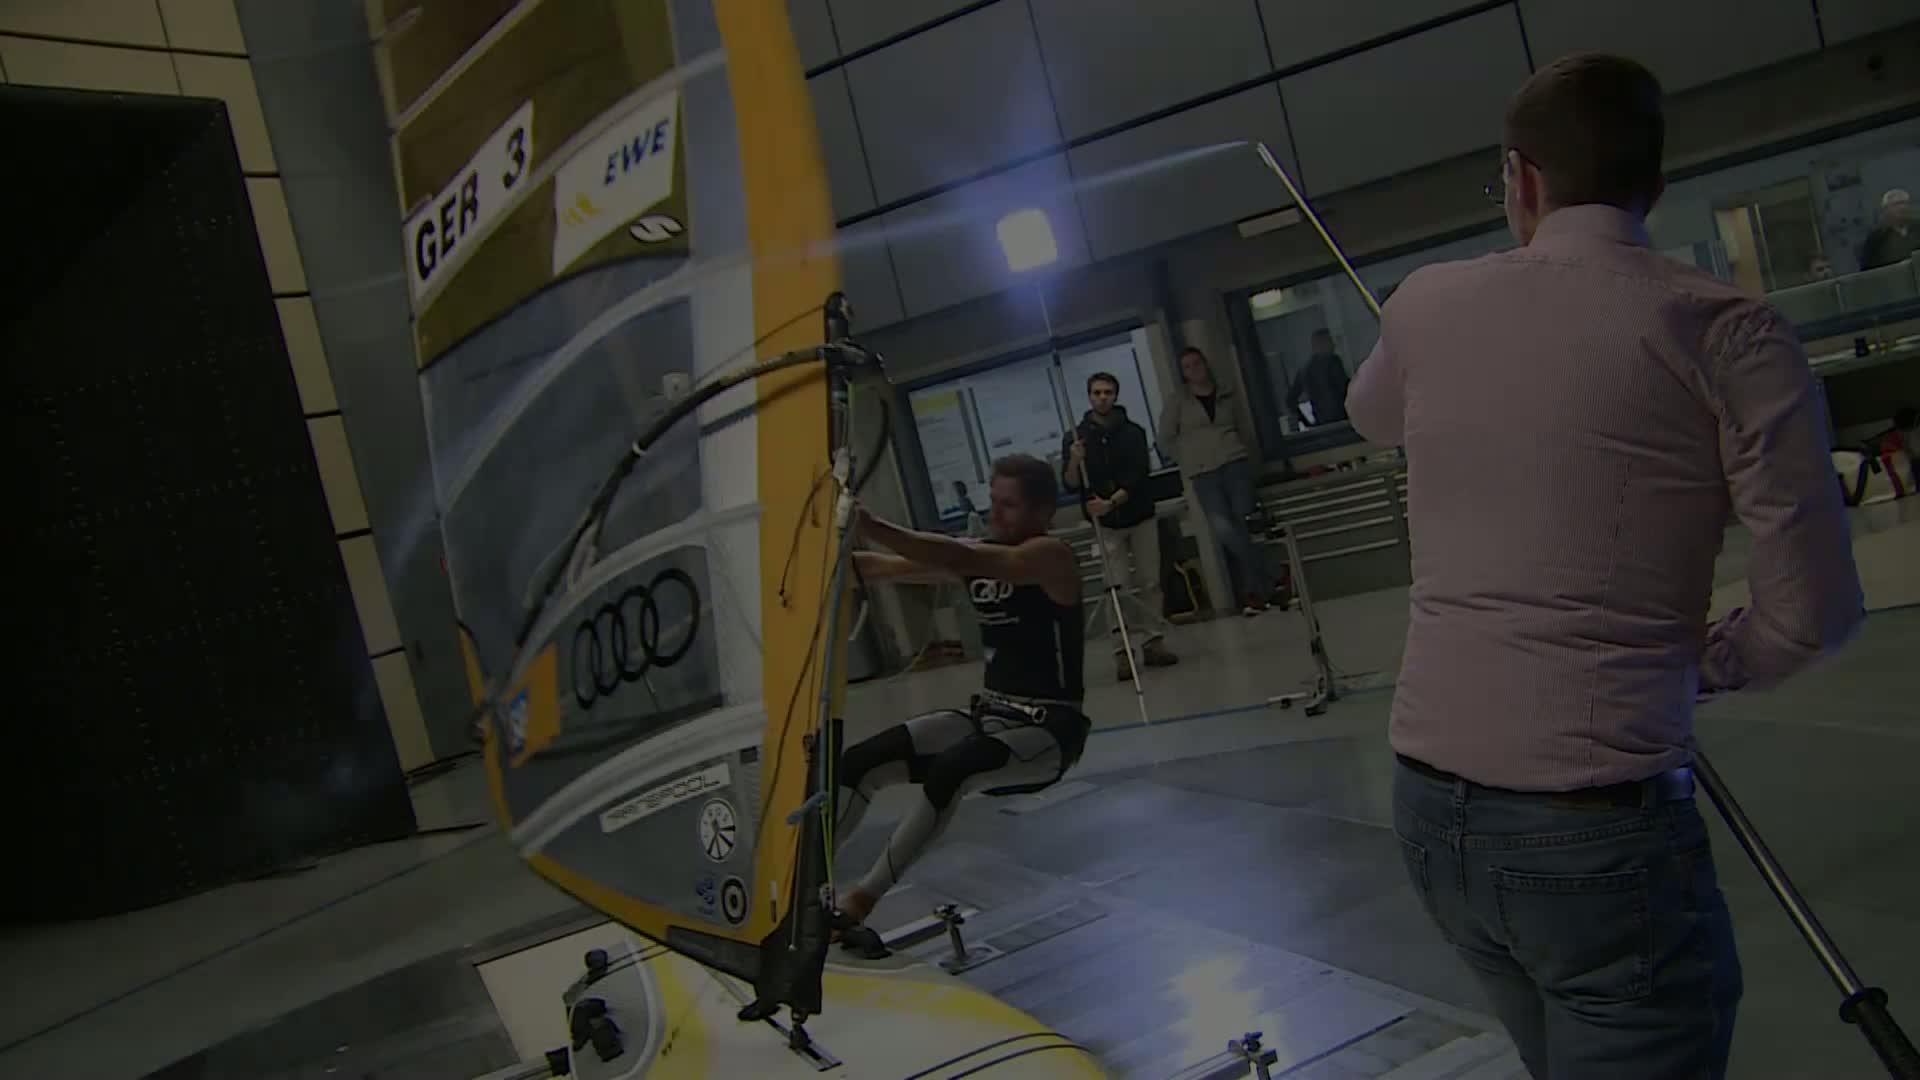 Toni Wilhelm trained at Audi wind tunnel